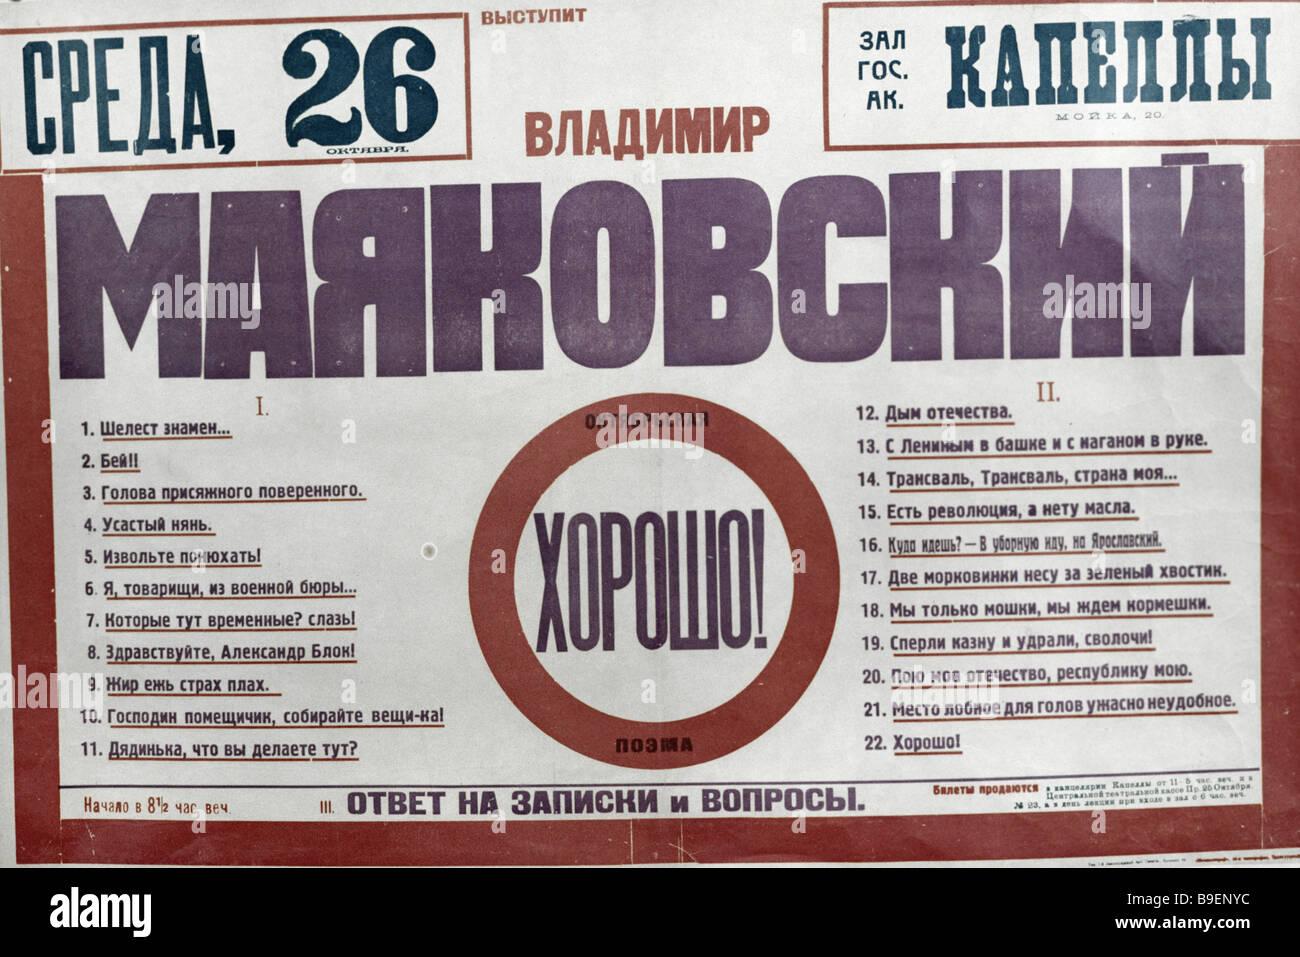 Announcement of poet Vladimir Mayakovsky s recital - Stock Image